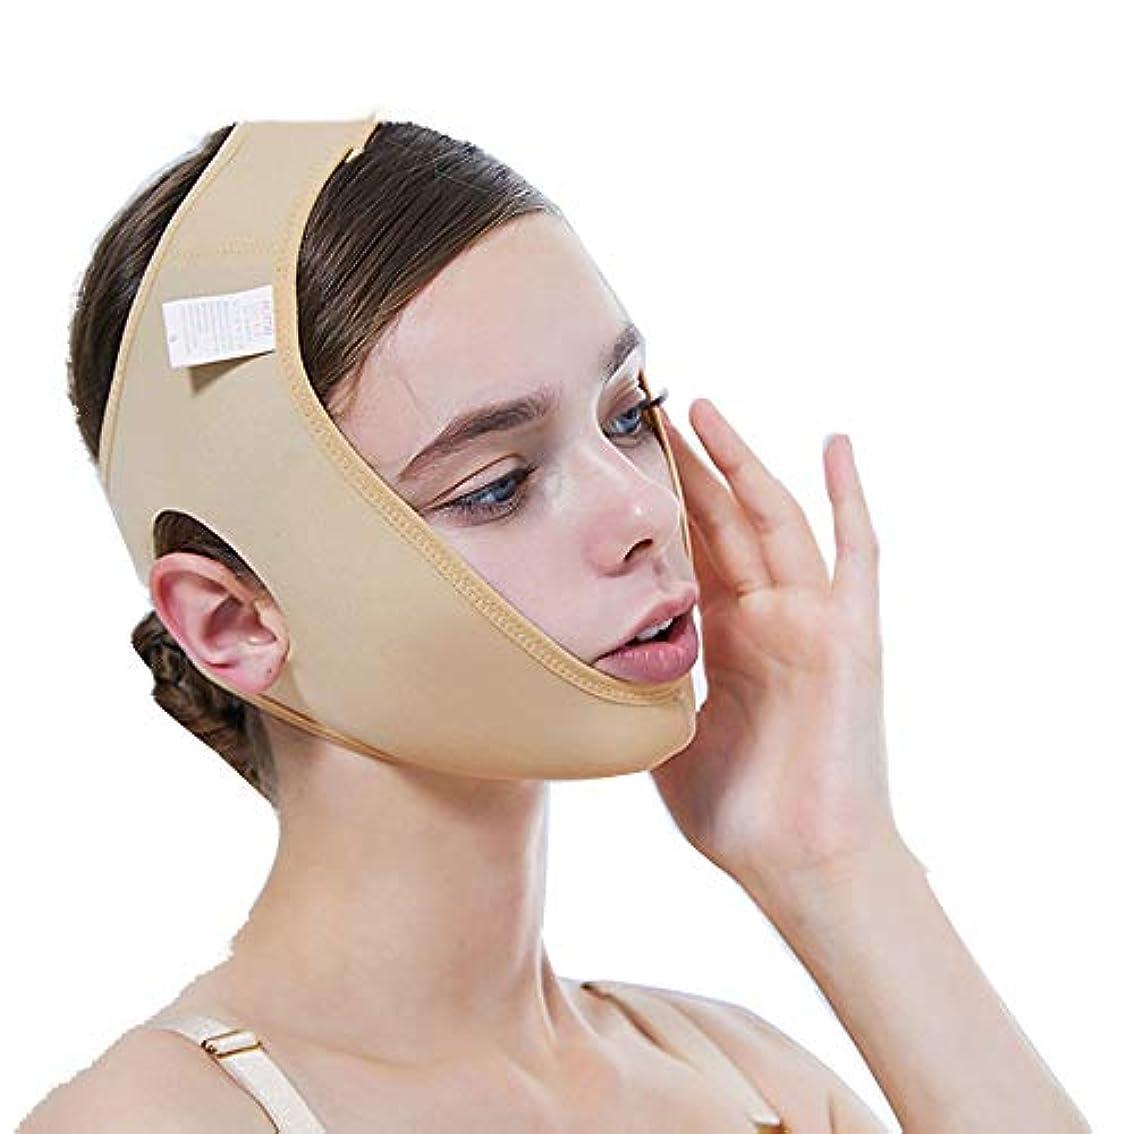 スープ無許可補うフェイスリフトマスク、薄型ダブルチンアーティファクト/vフェイスビームフェイス/あご手術セット/フェイスマスク(カラー),XXL